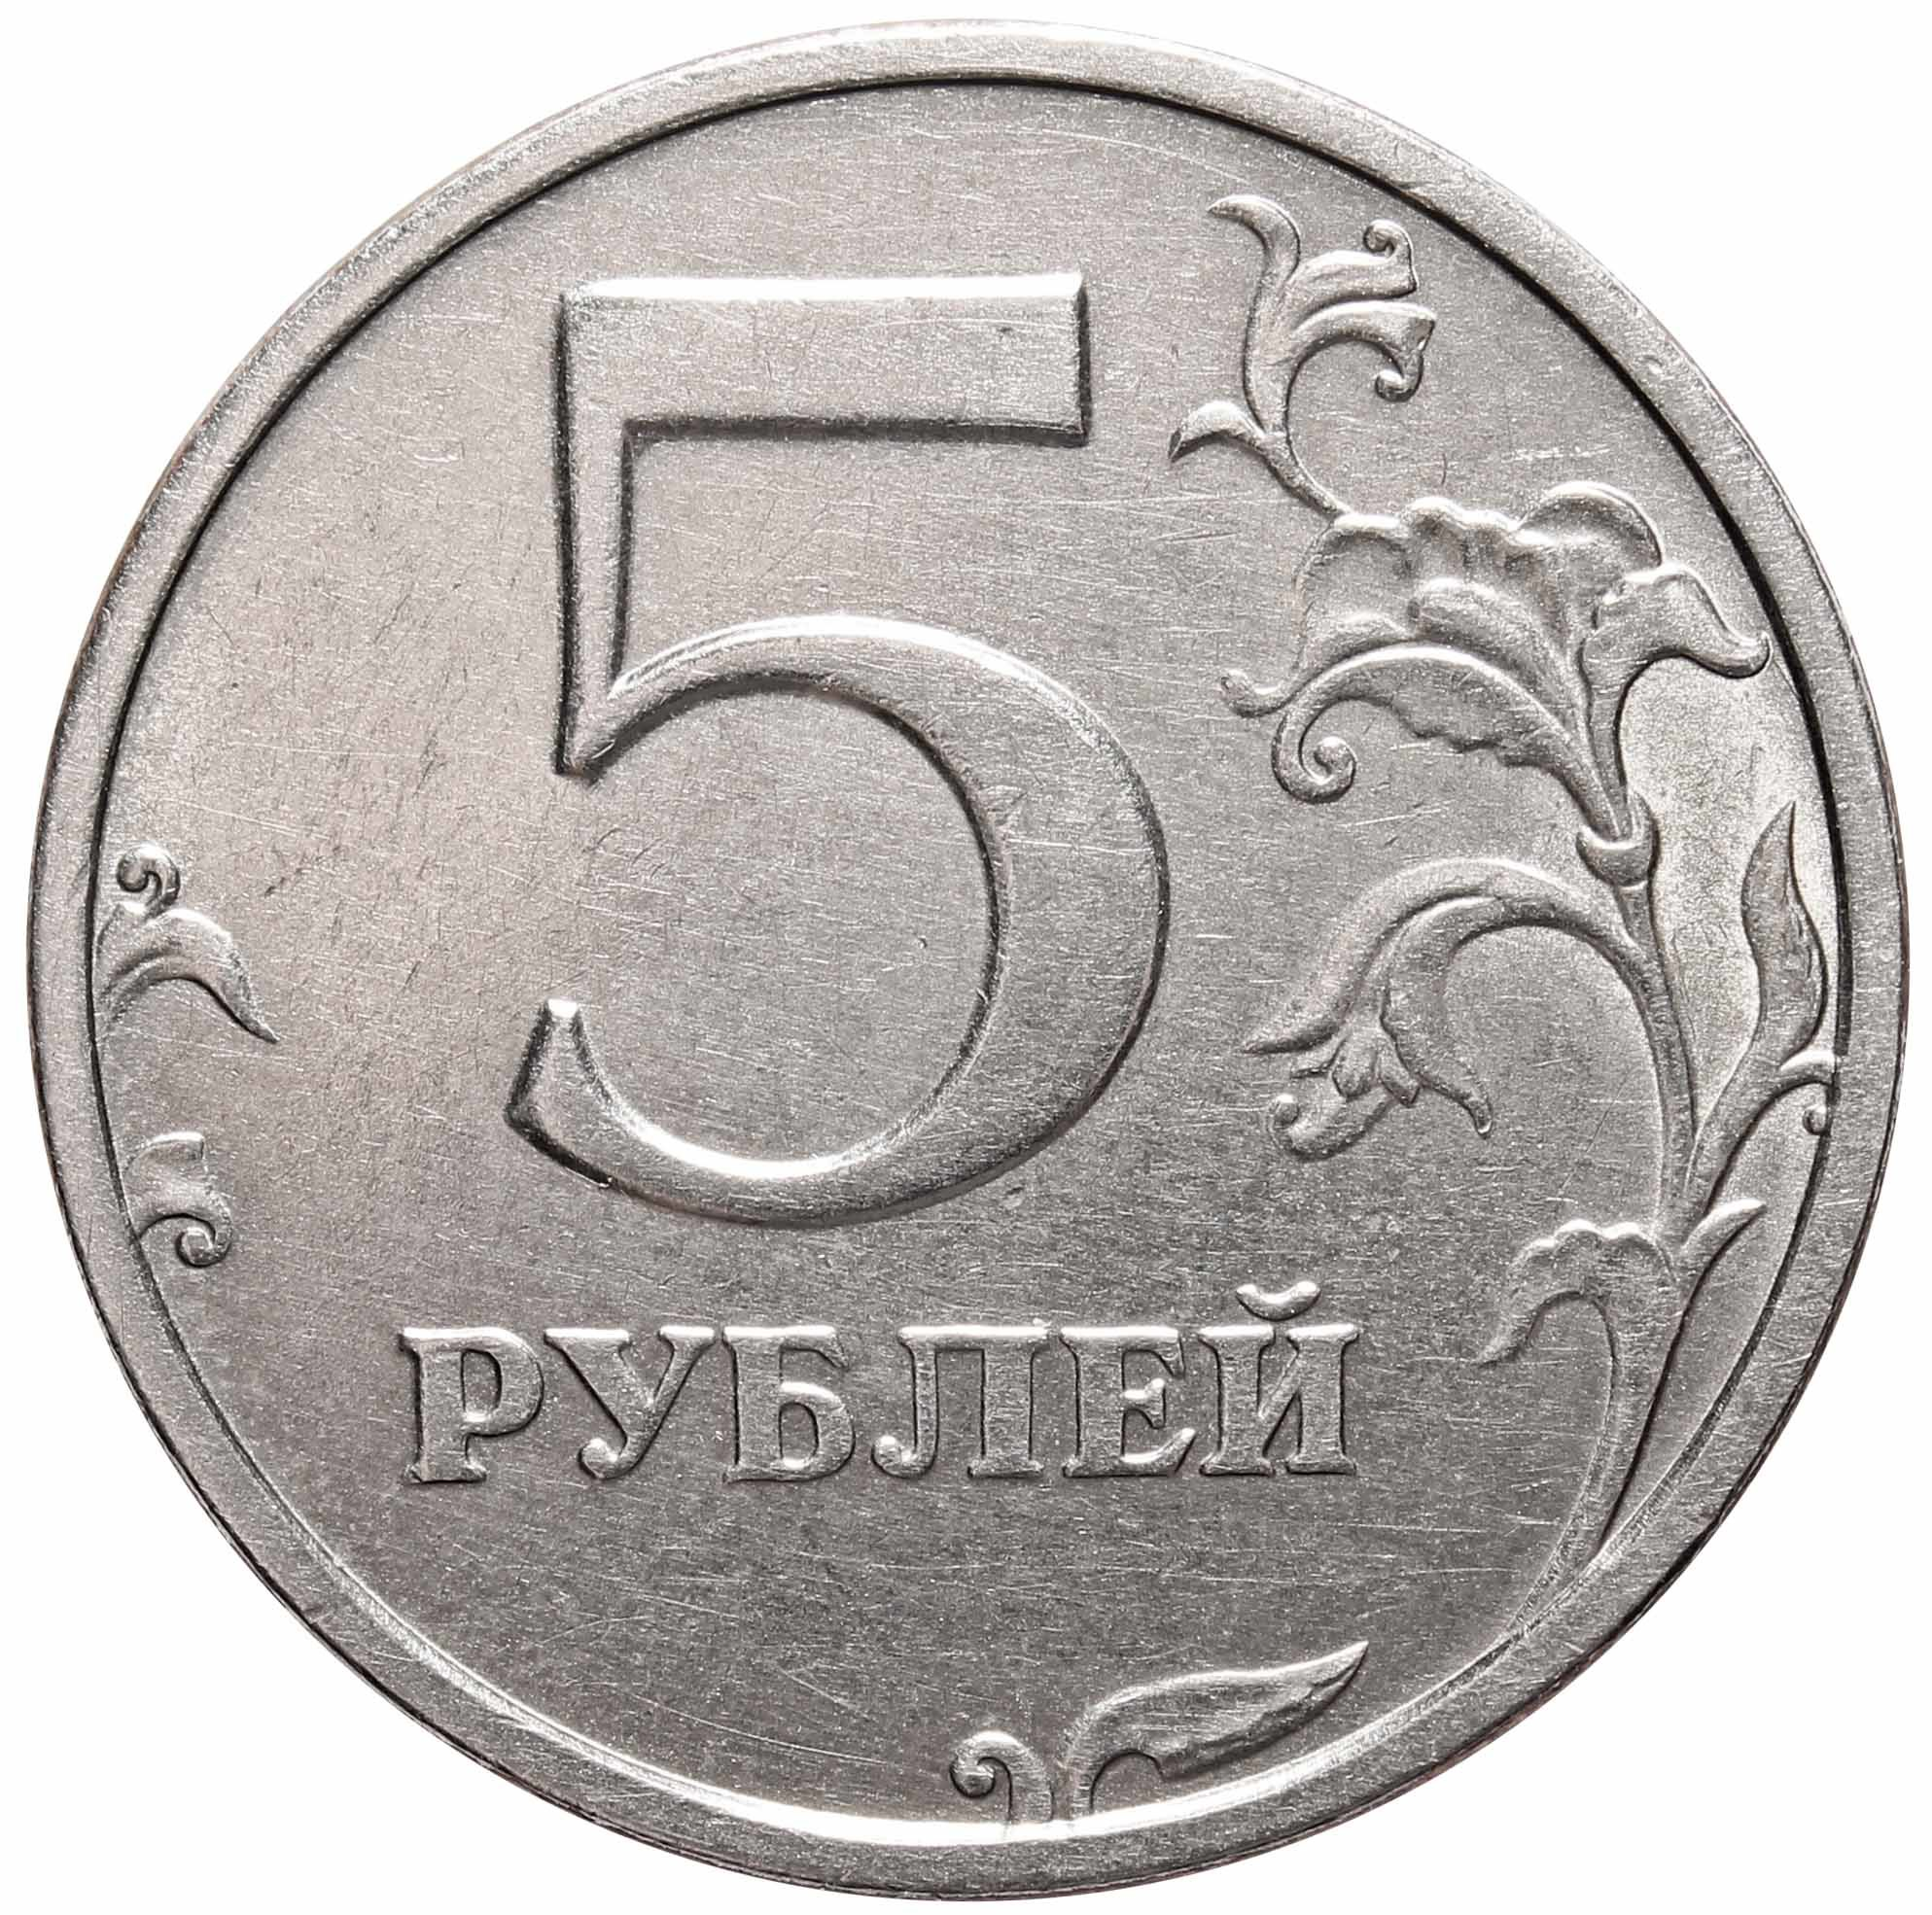 5 рублей 2003 год